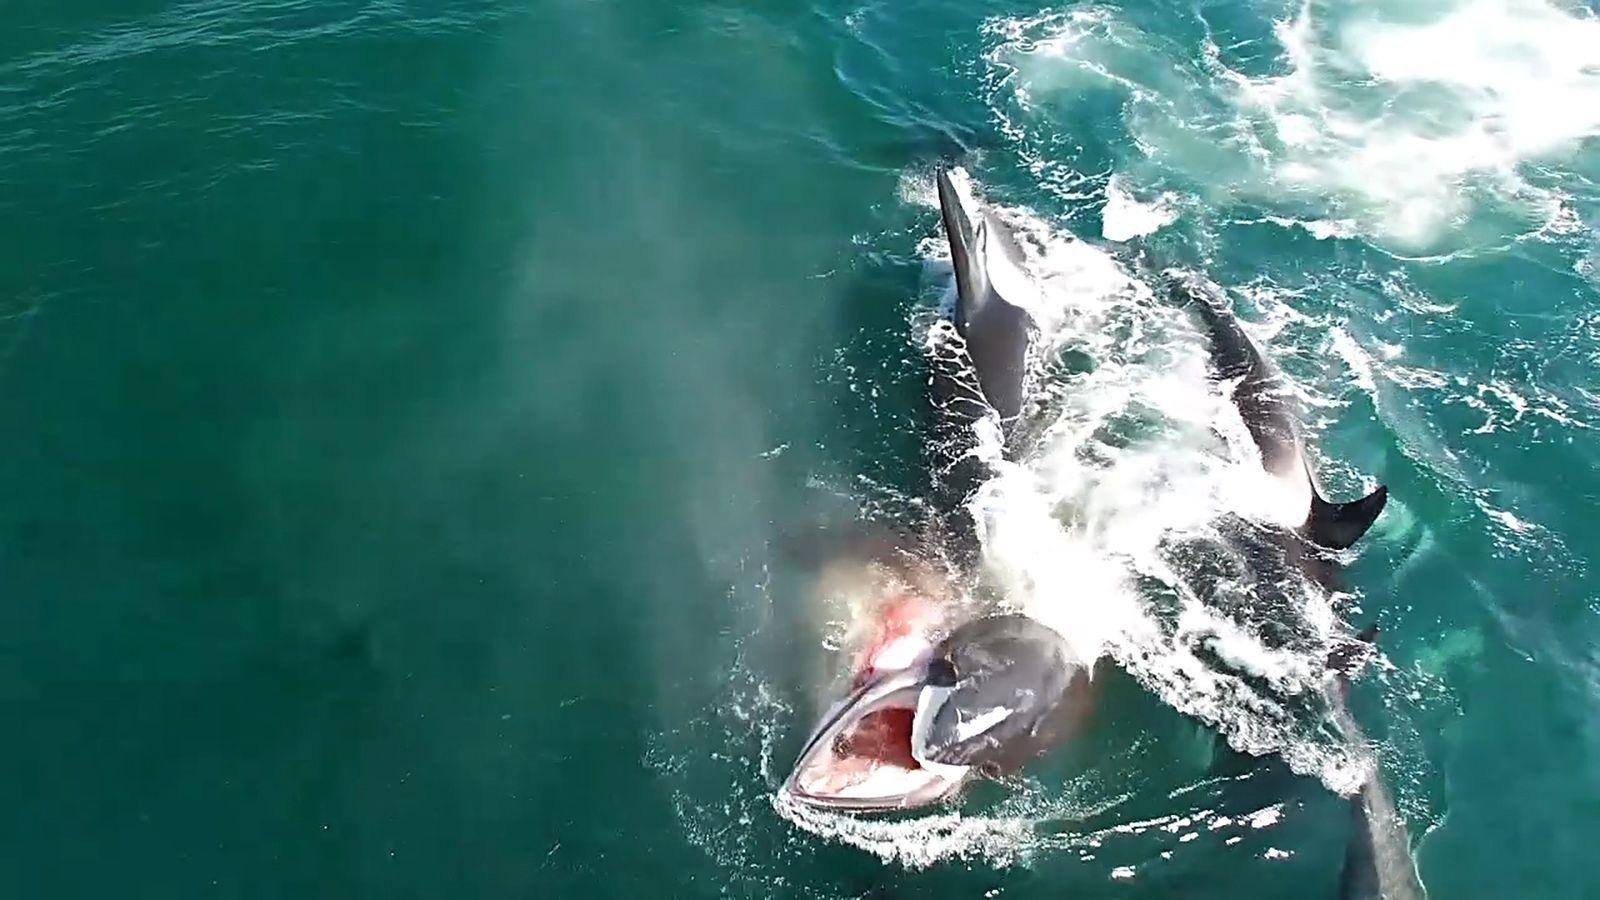 Vidéo : En Russie, une meute d'orques traque une baleine